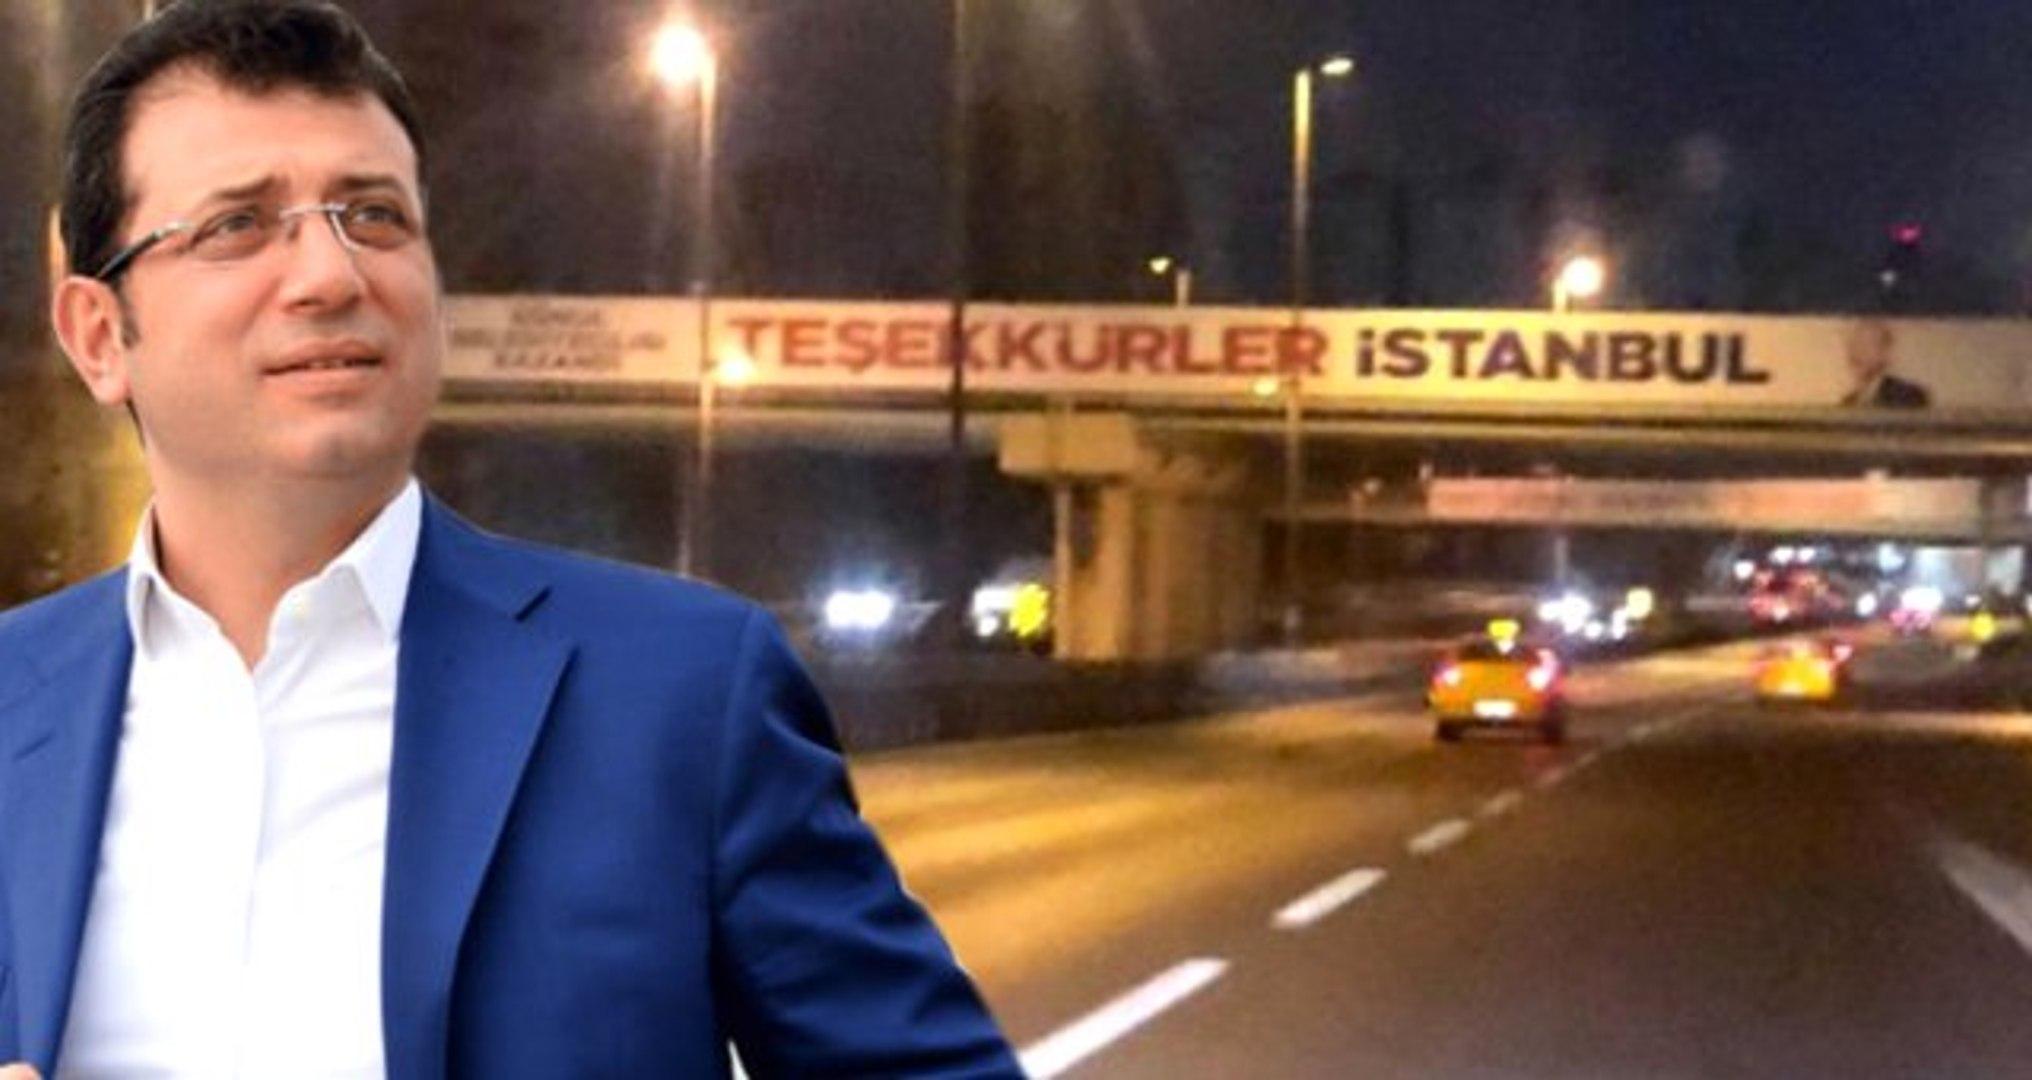 İmamoğlu Suç Duyurusunda Bulunmuştu: İstanbul'u Karıştıran Afişler Kaldırıldı